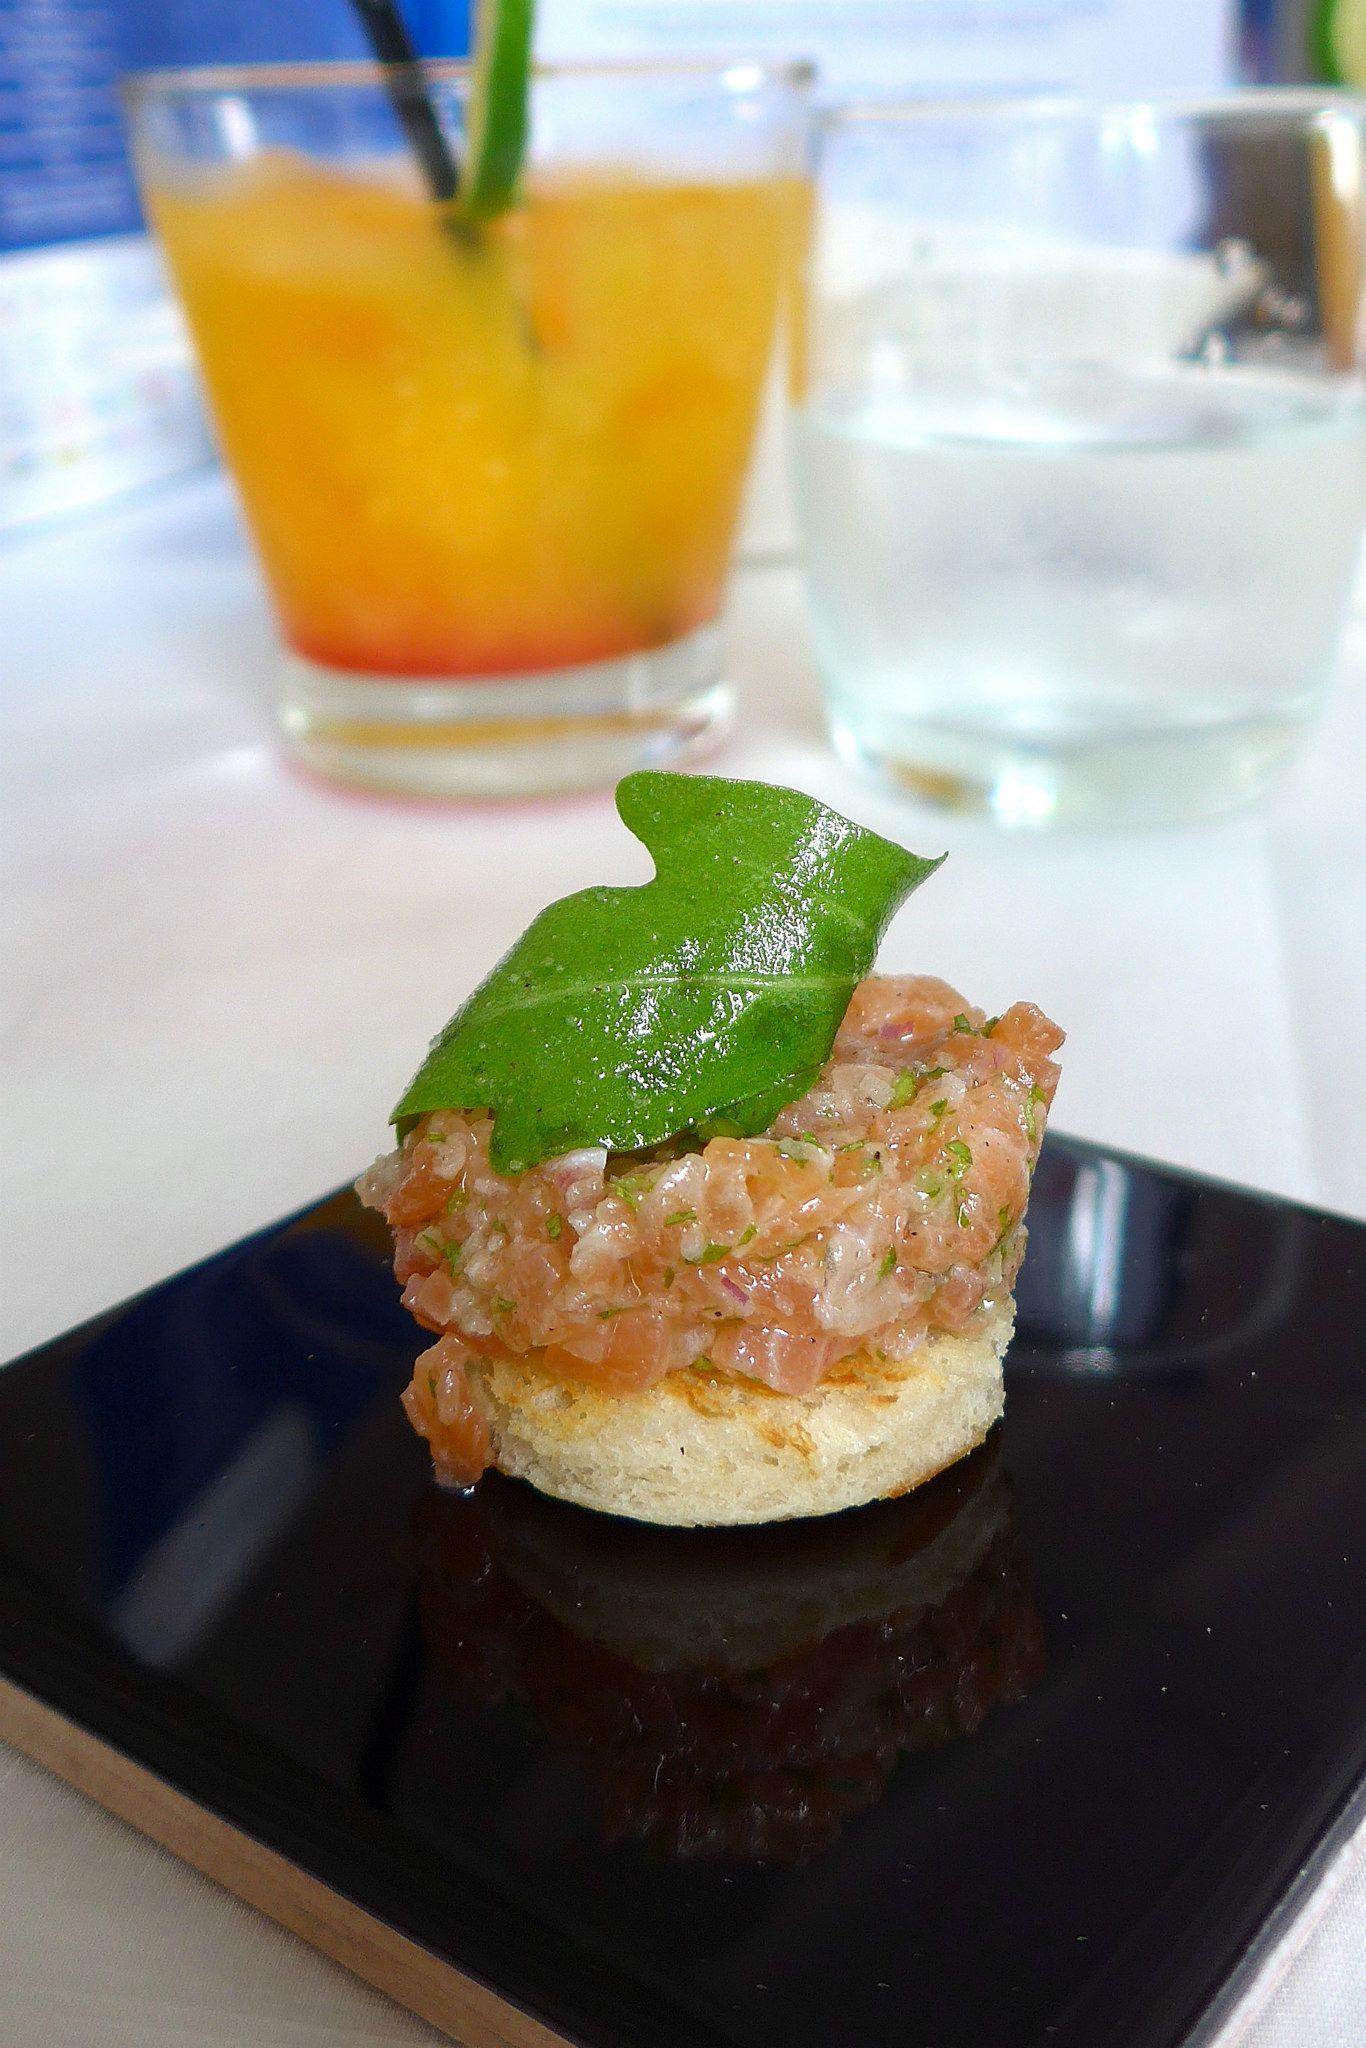 Migf 2015 review maison francaise for La kitchen delight